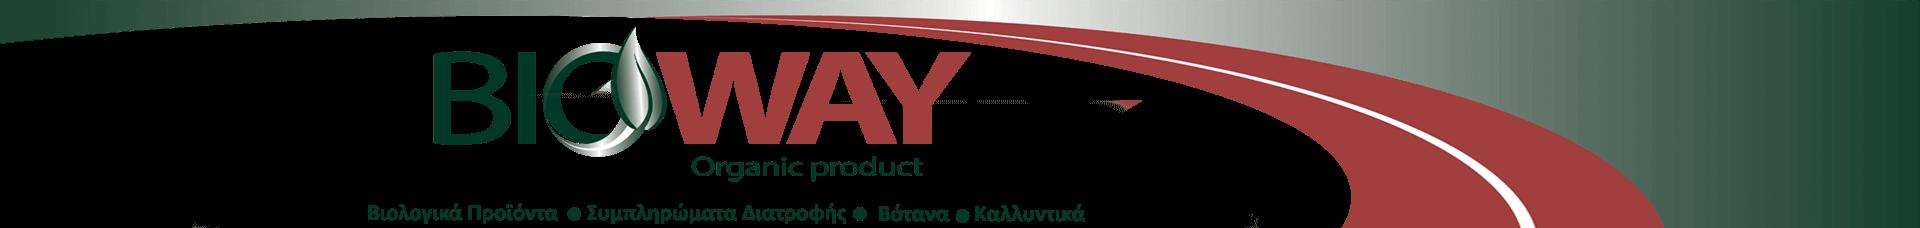 Bioway.gr